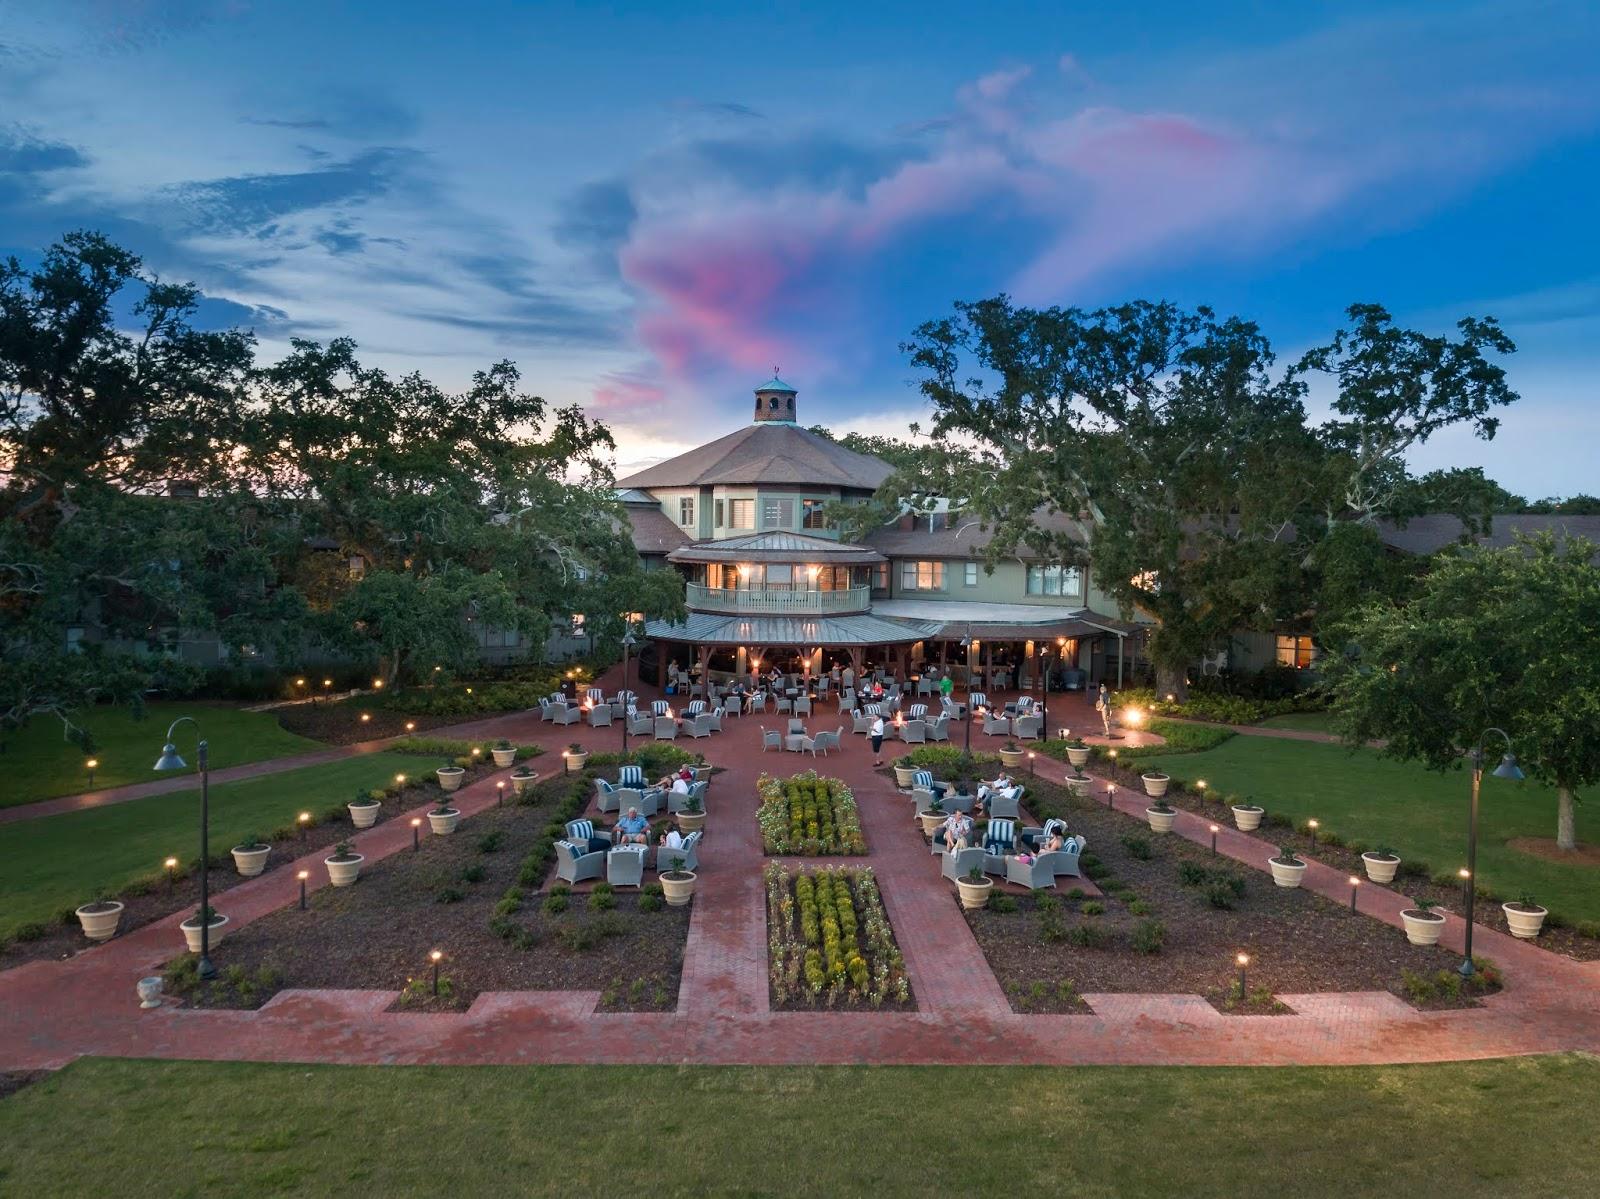 Grand Hotel Golf Resort & Spa in Pt. Clear, Alabama